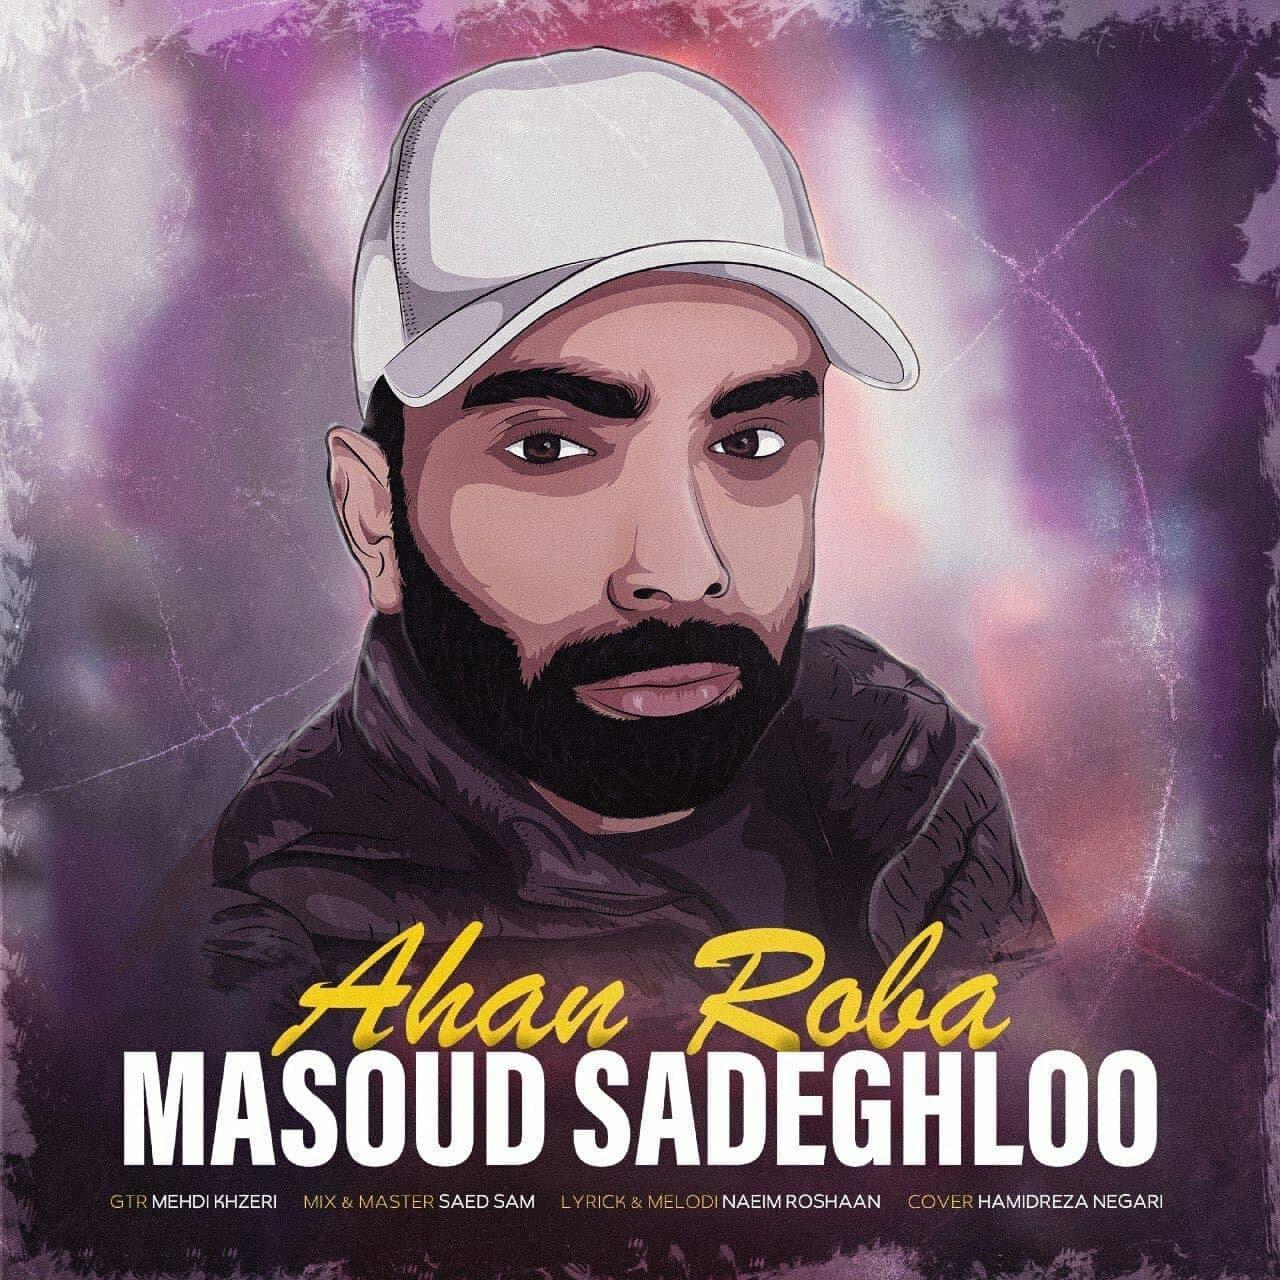 Masoud Sadeghloo – Ahan Roba